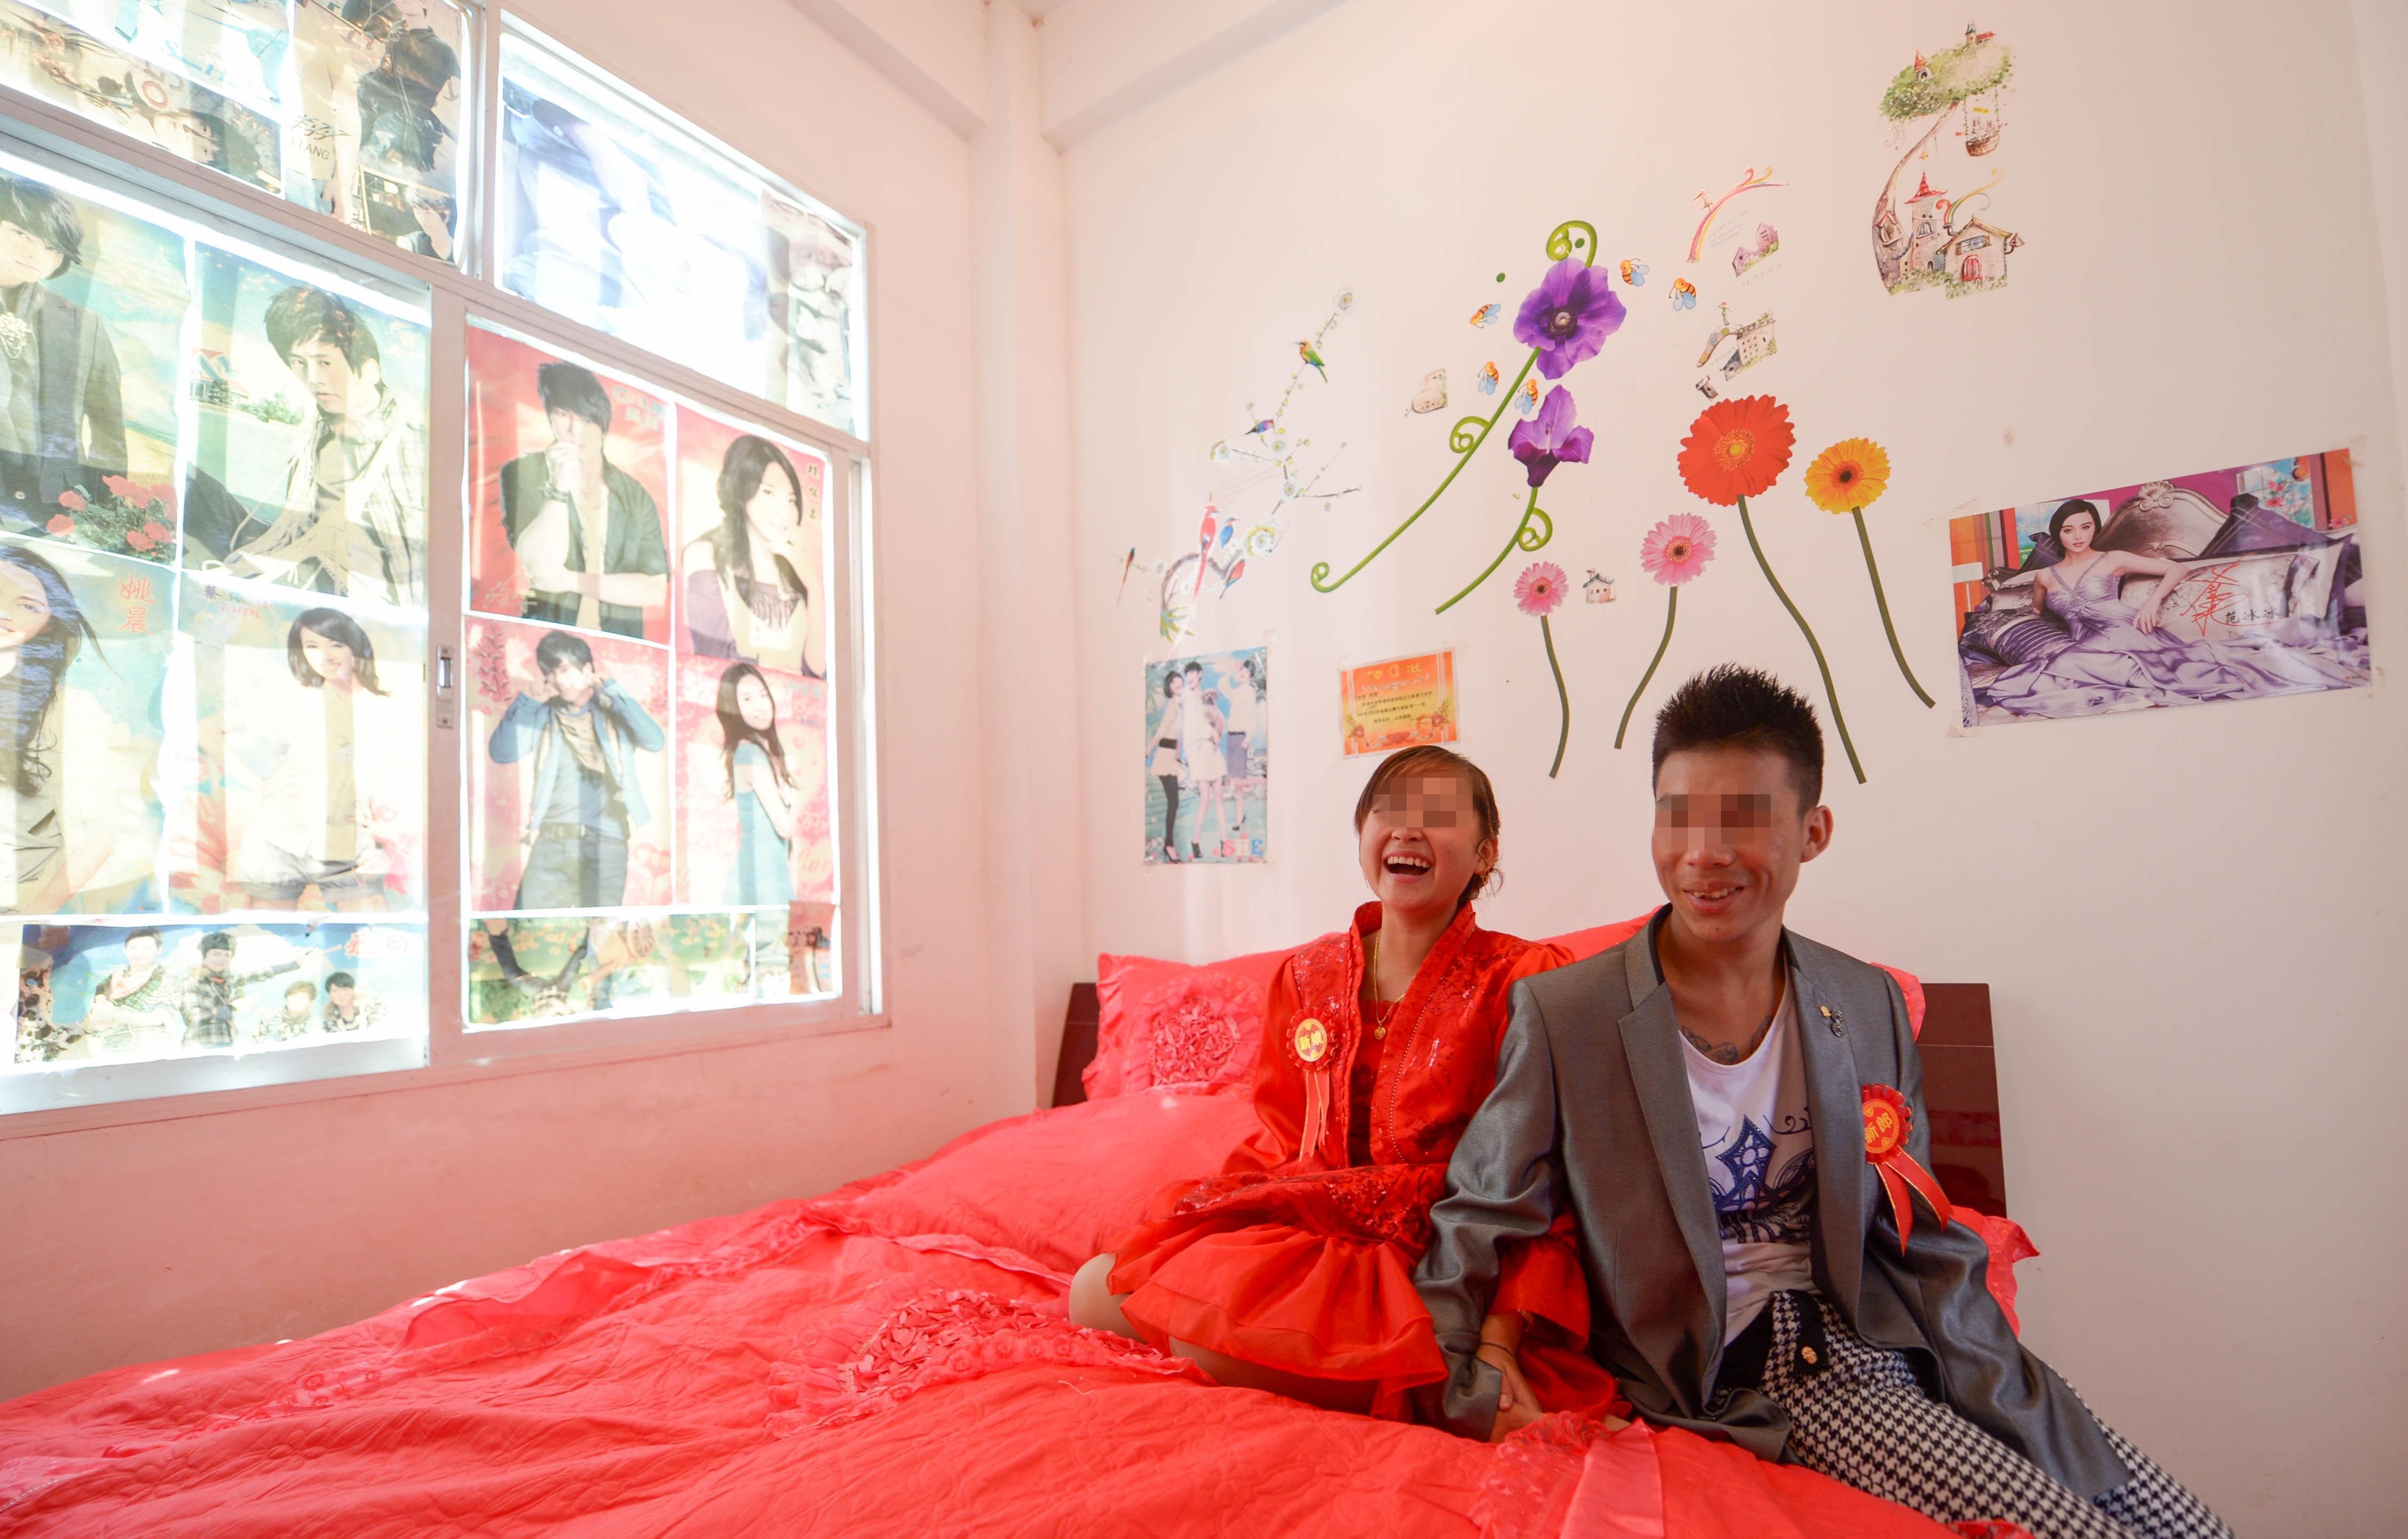 """2014年11月27日,云南金平现""""早婚现象"""",20岁出头的夫妻已有一个6岁女儿。/视觉中国"""